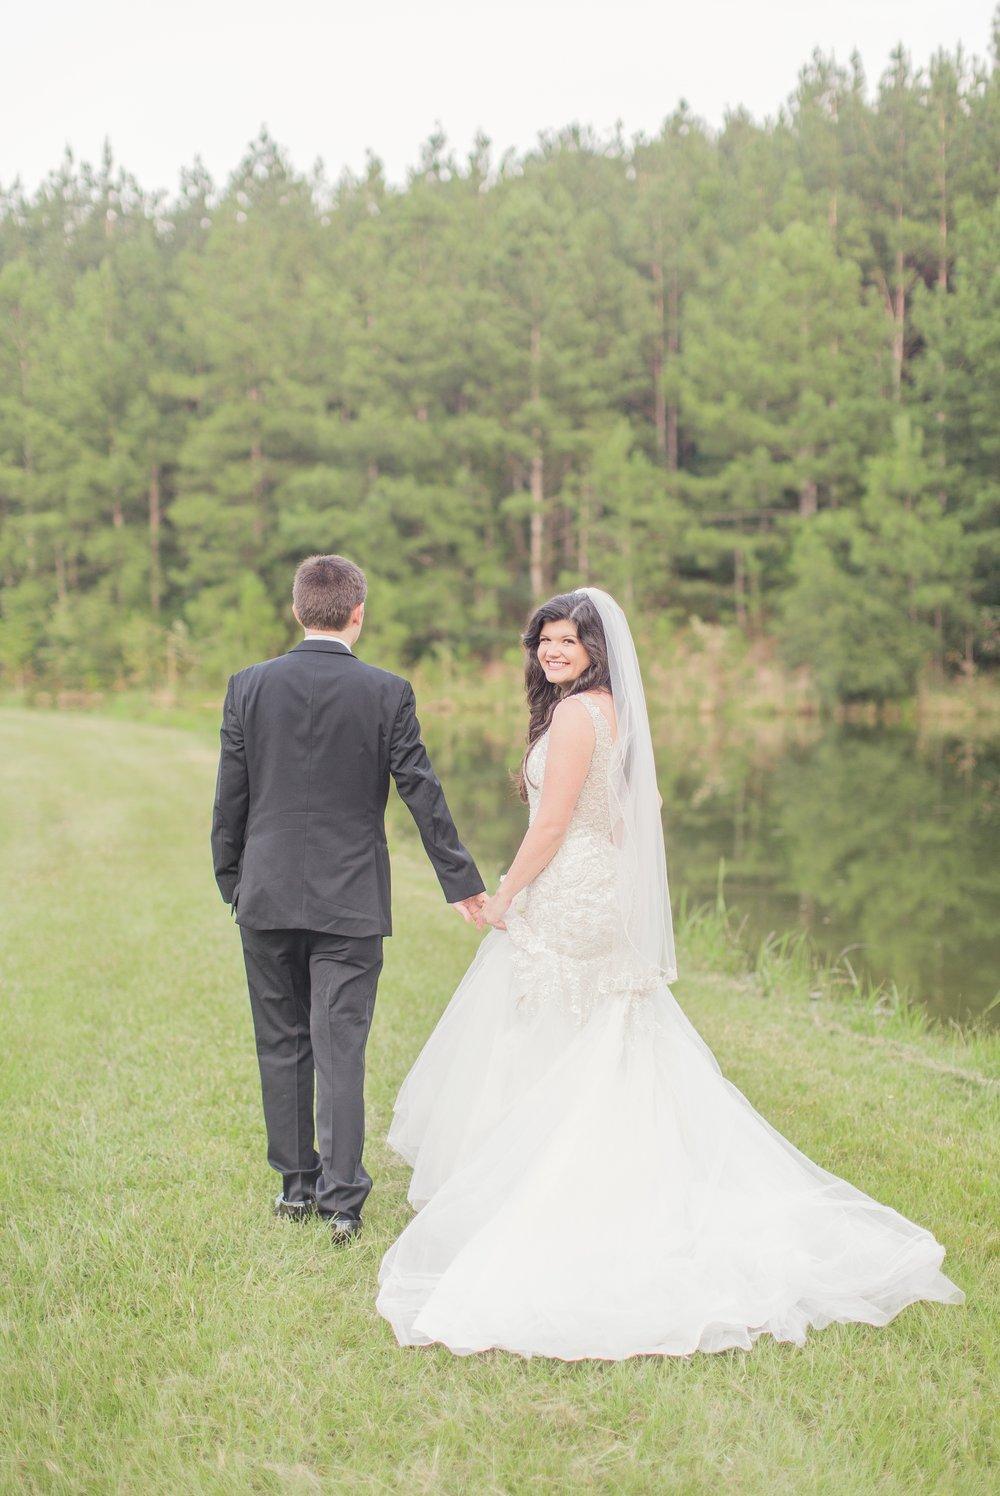 philadelphia-mississippi-summer-wedding 60.jpg